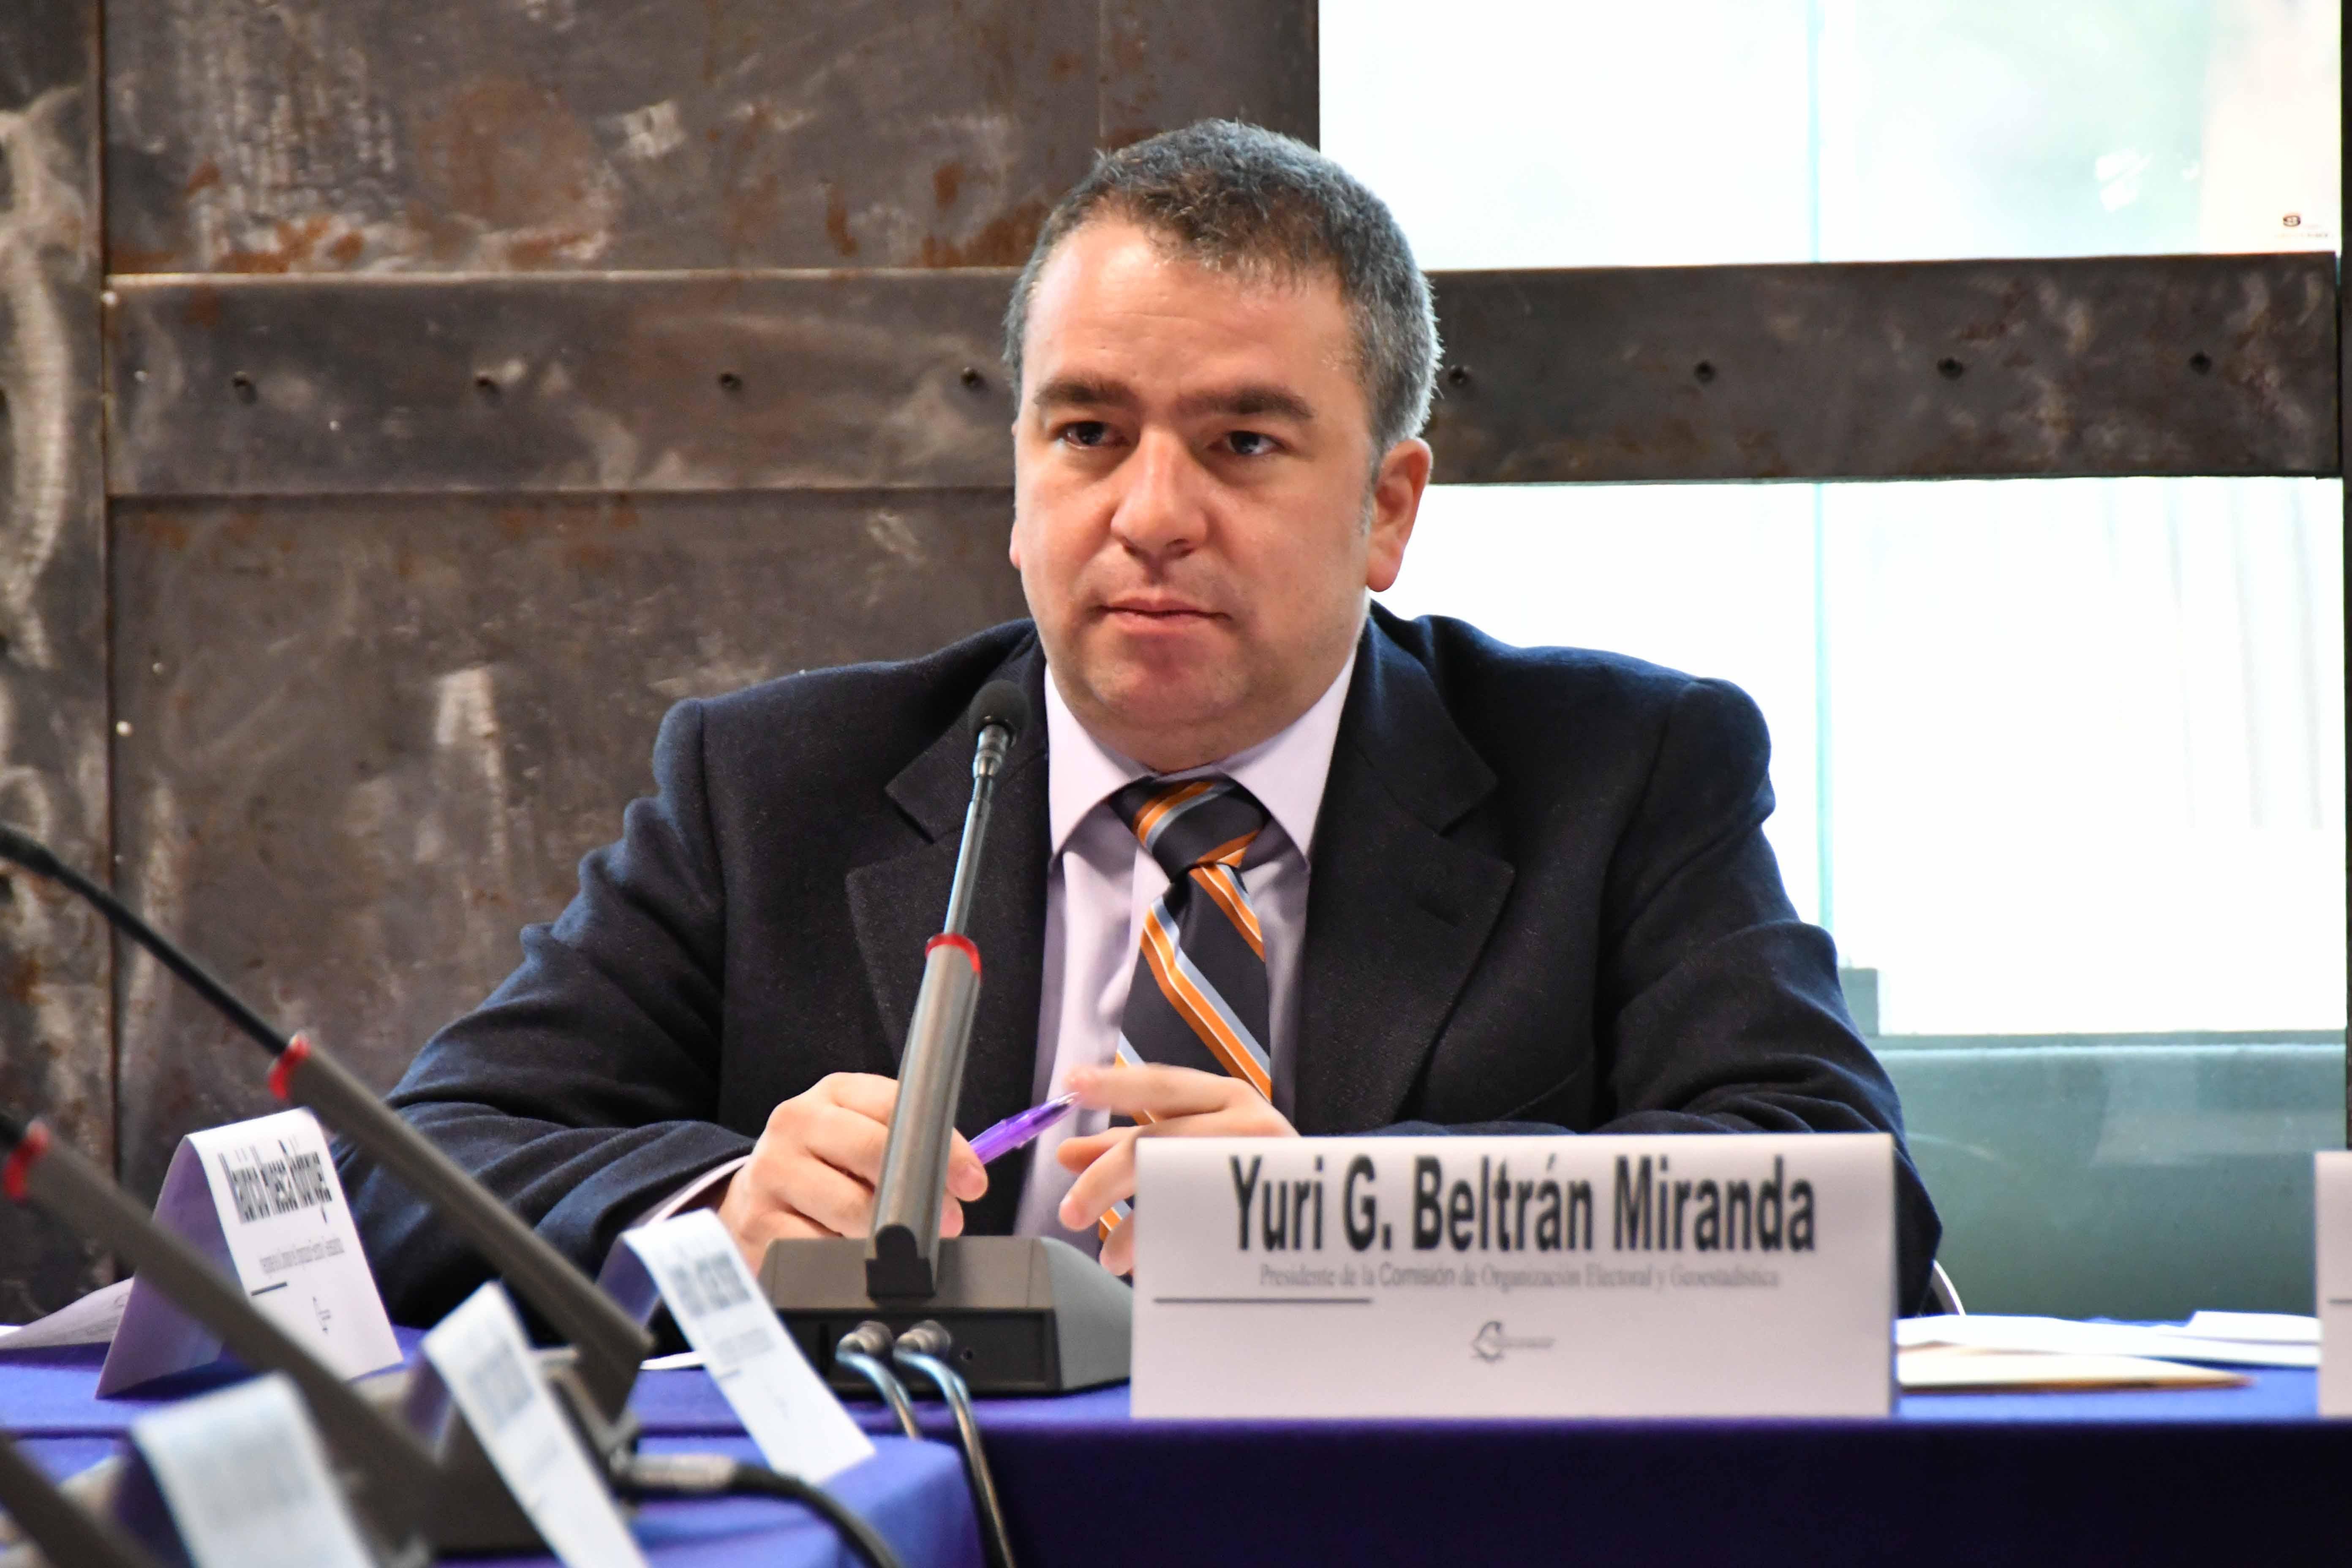 Necesario reforzar lazos con la comunidad migrante:  consejero electoral Yuri Gabriel Beltrán Miranda